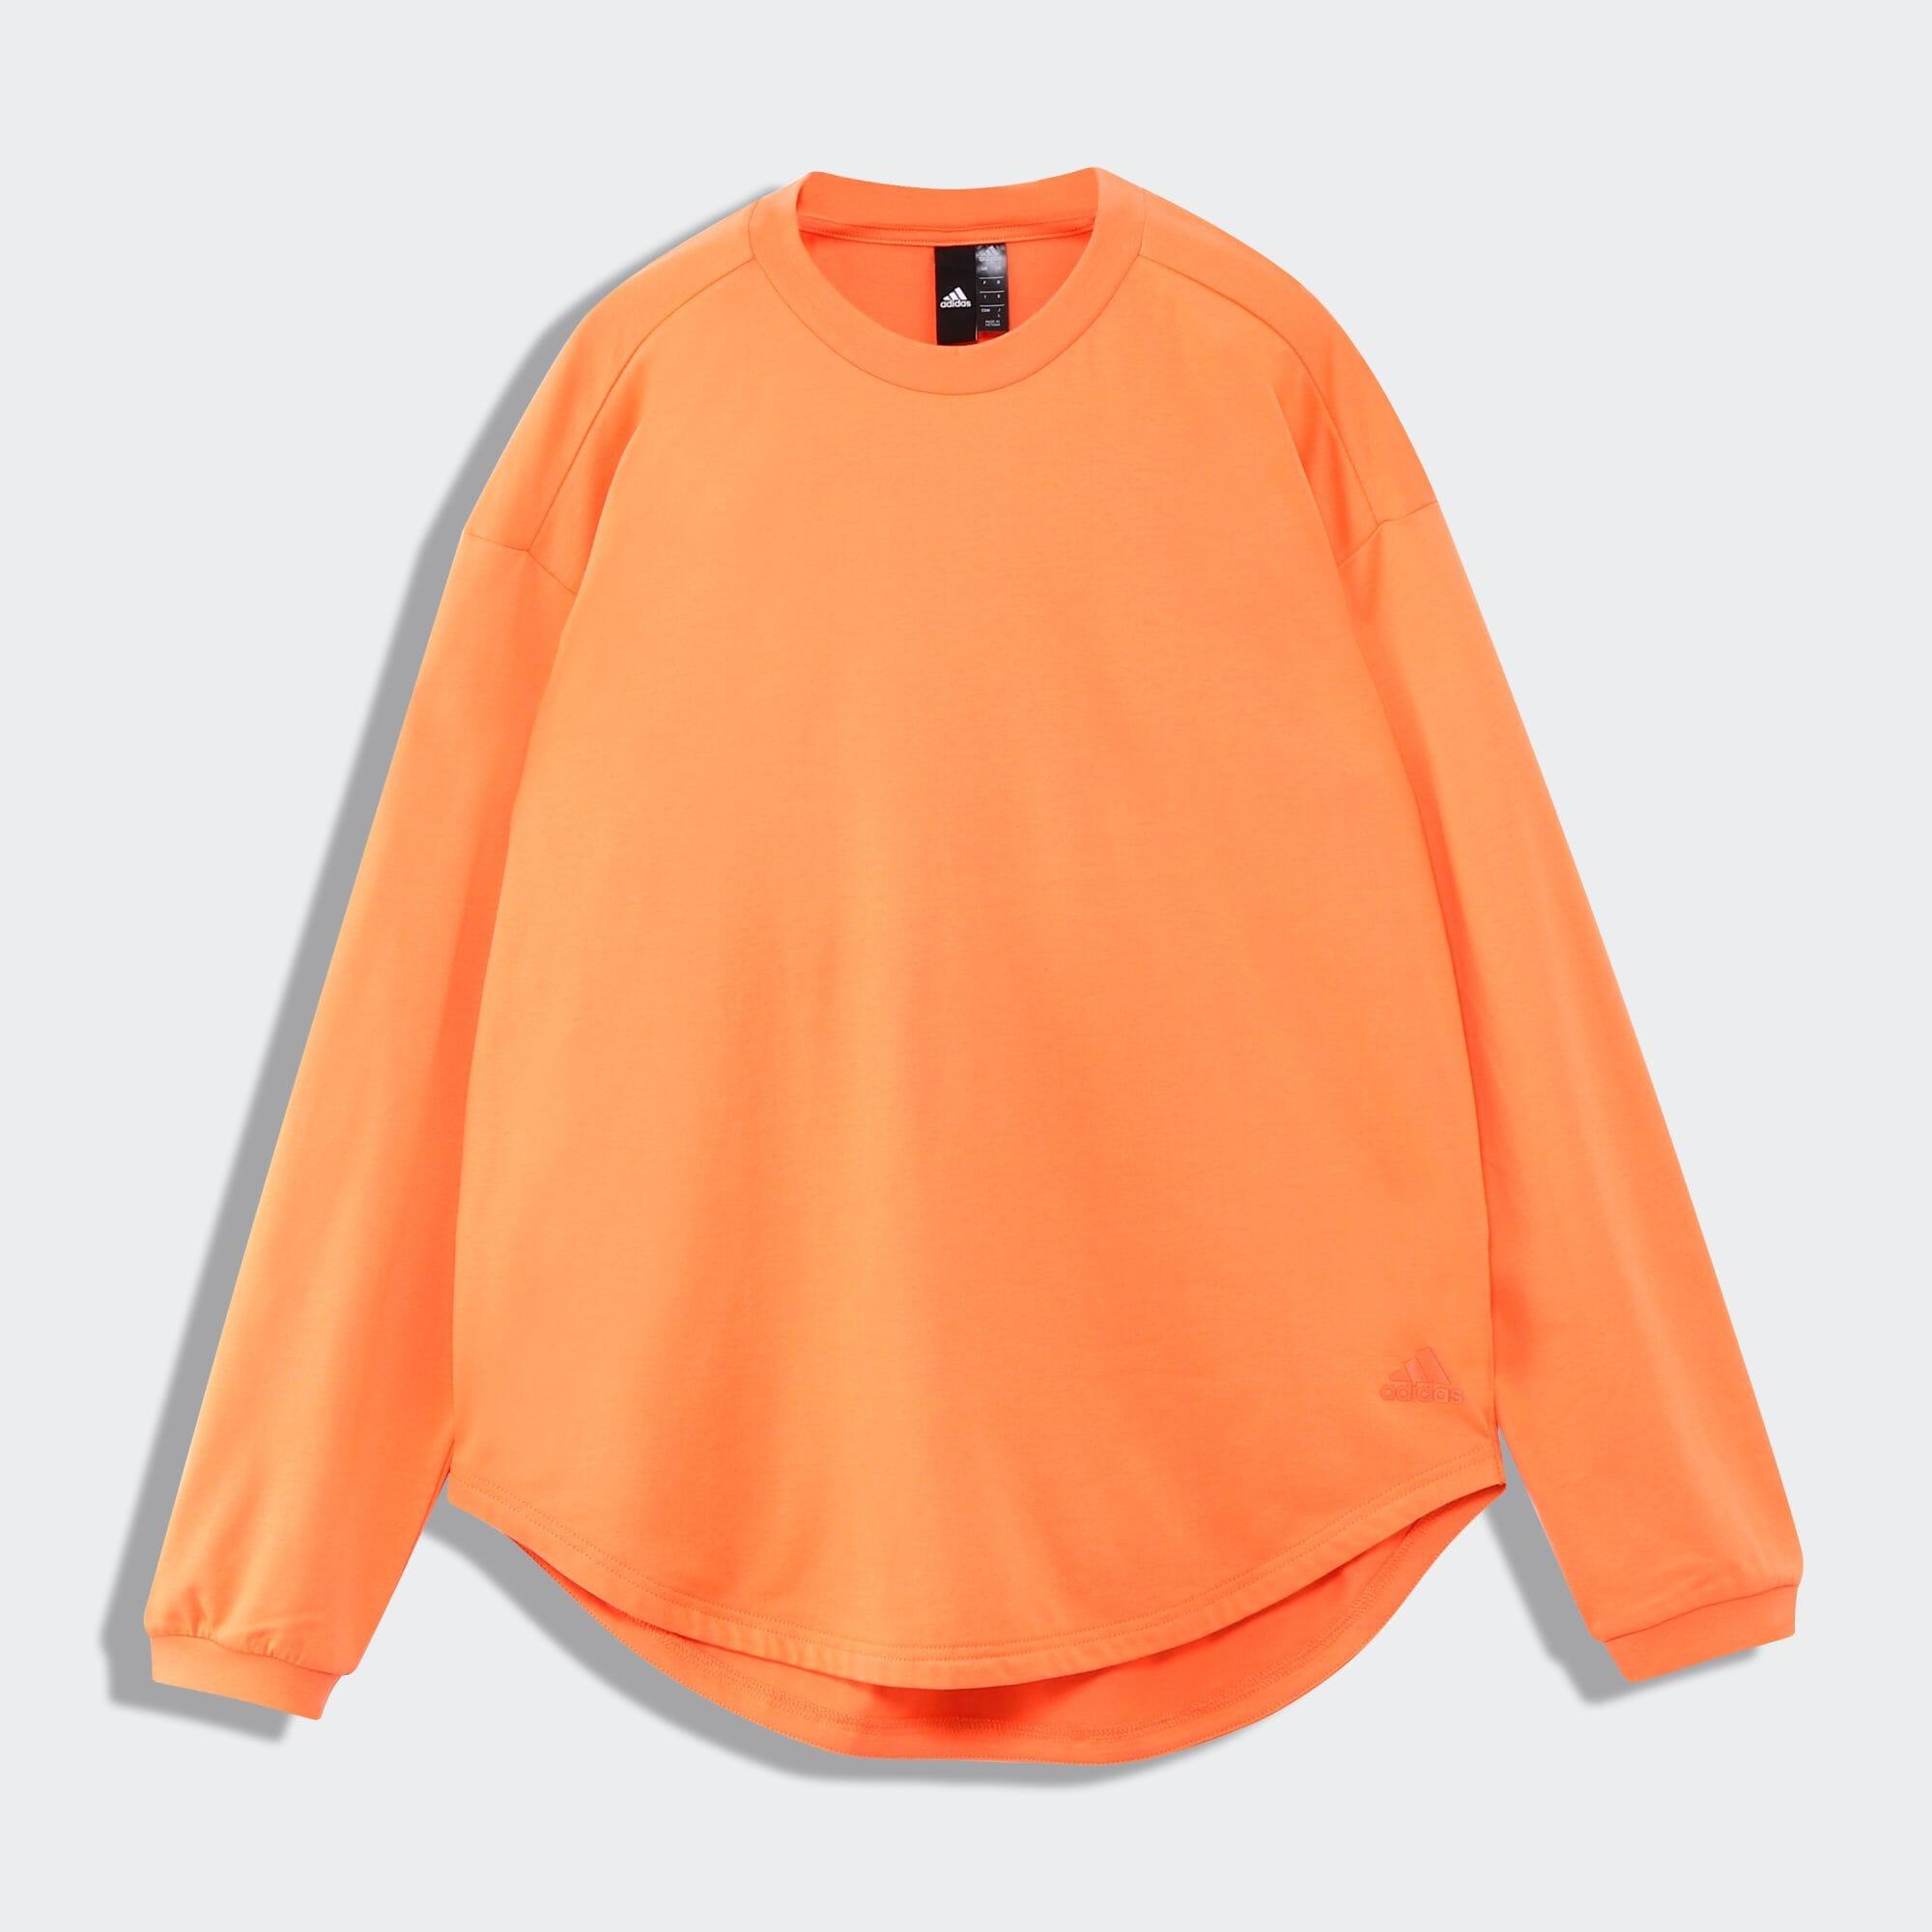 M S2S ビッグワーディング長袖Tシャツ